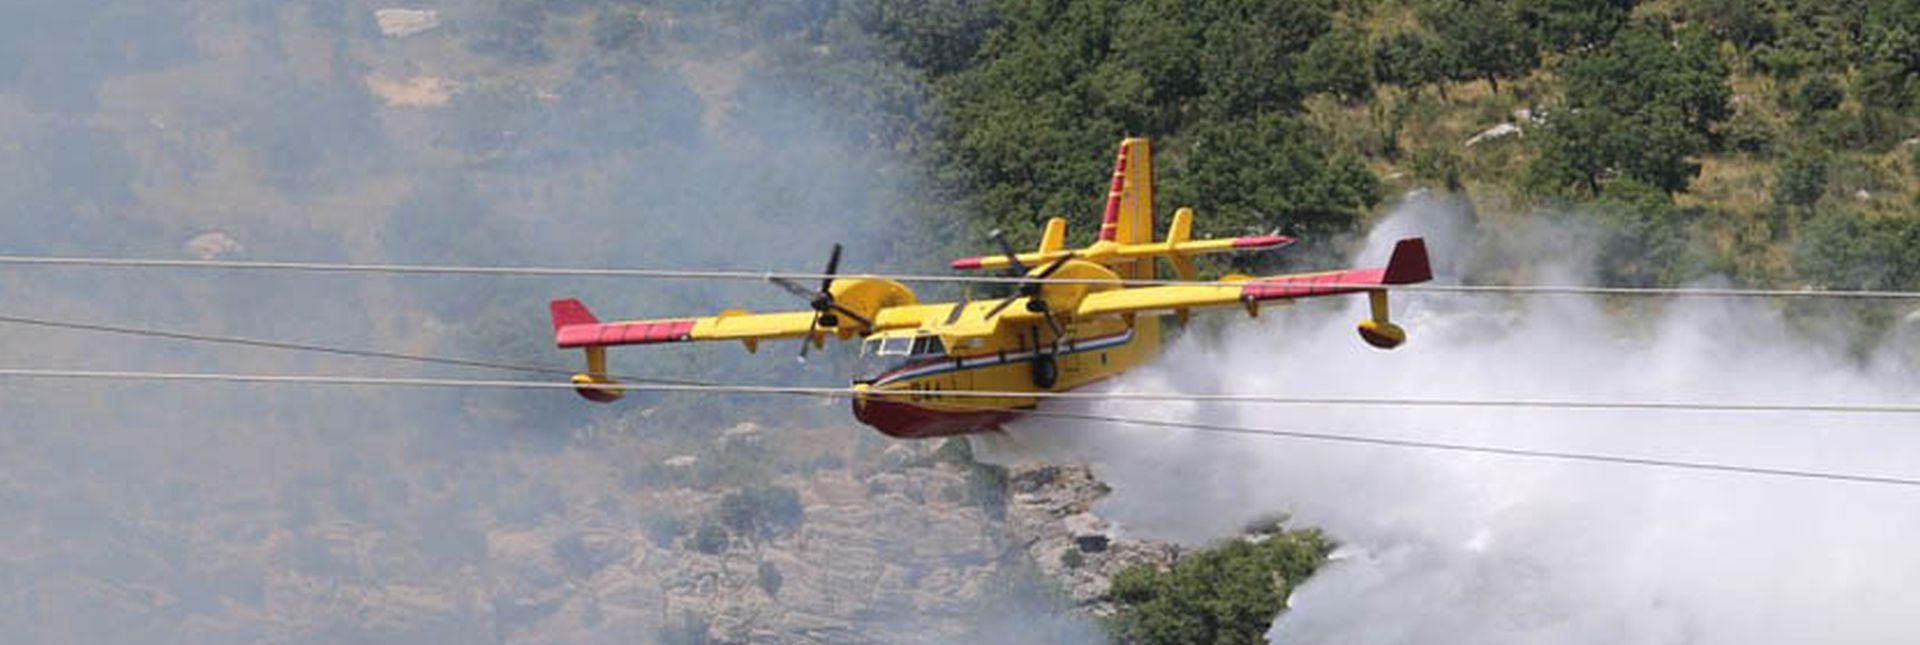 MORH: 3 airtractora preusmjerena na novi požar kod Drniša